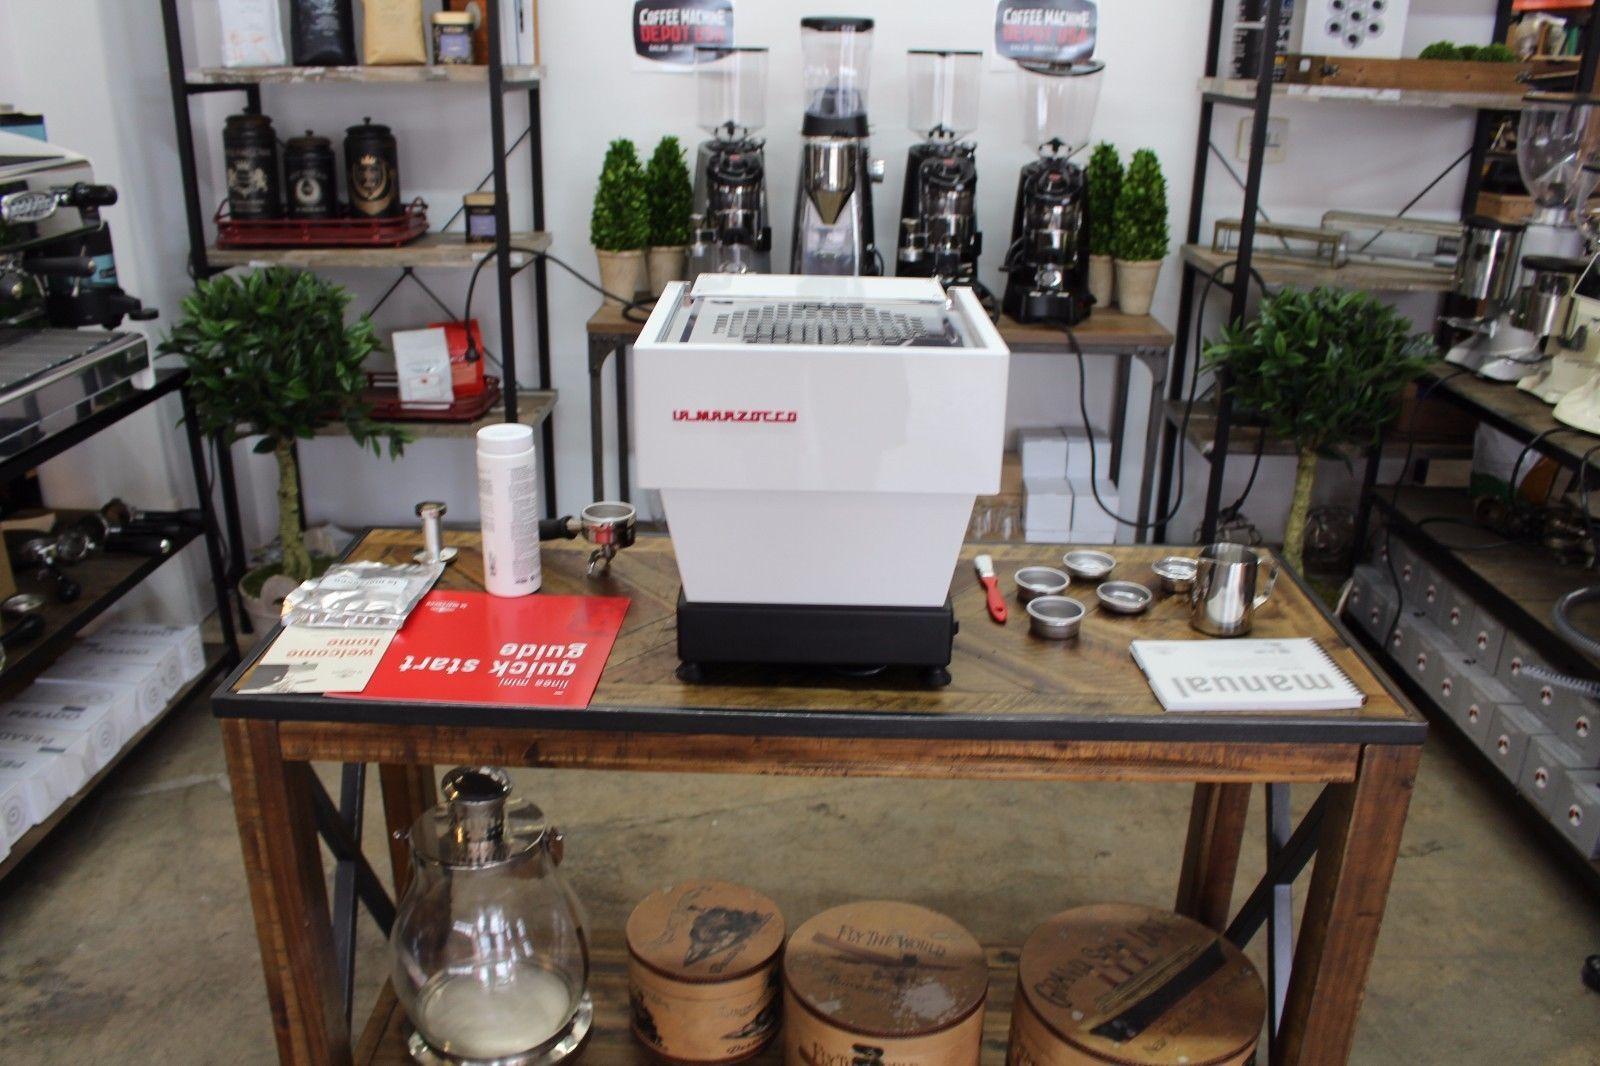 La Marzocco Linea Mini Commercial Coffee Espresso Machine